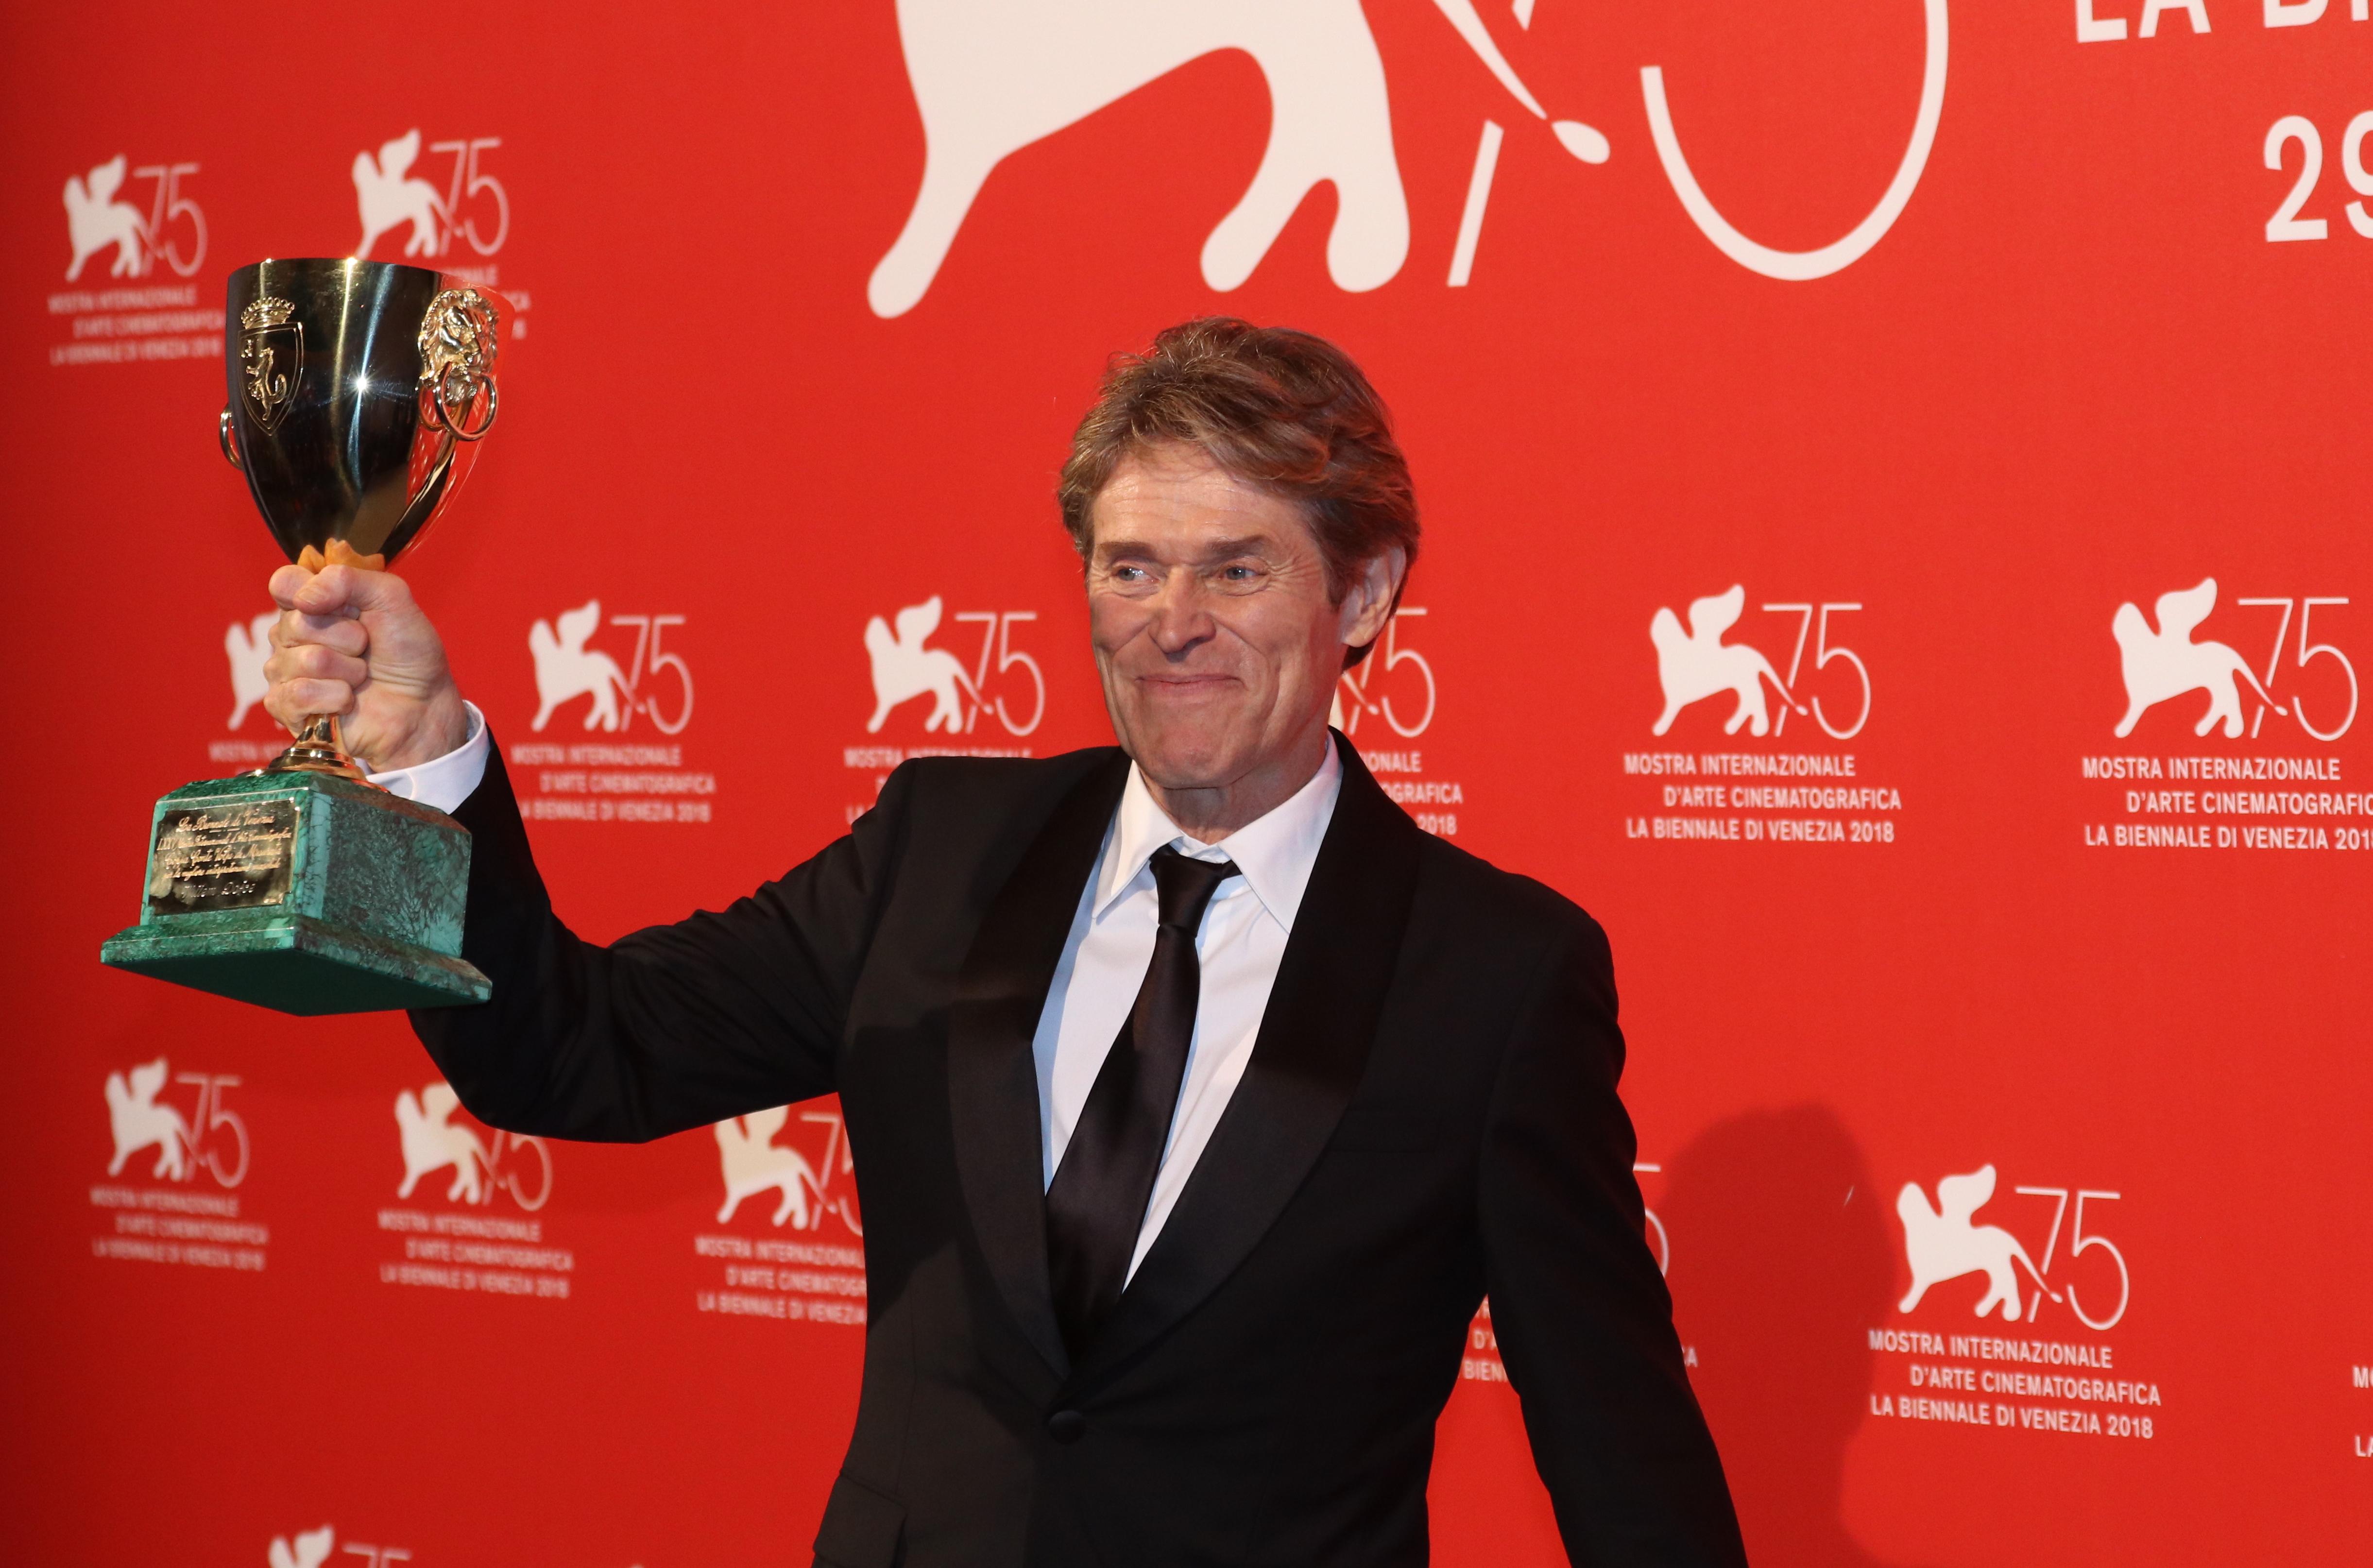 Venezia 2018: uno scatto di Willem Dafoe al photocall dei premiati